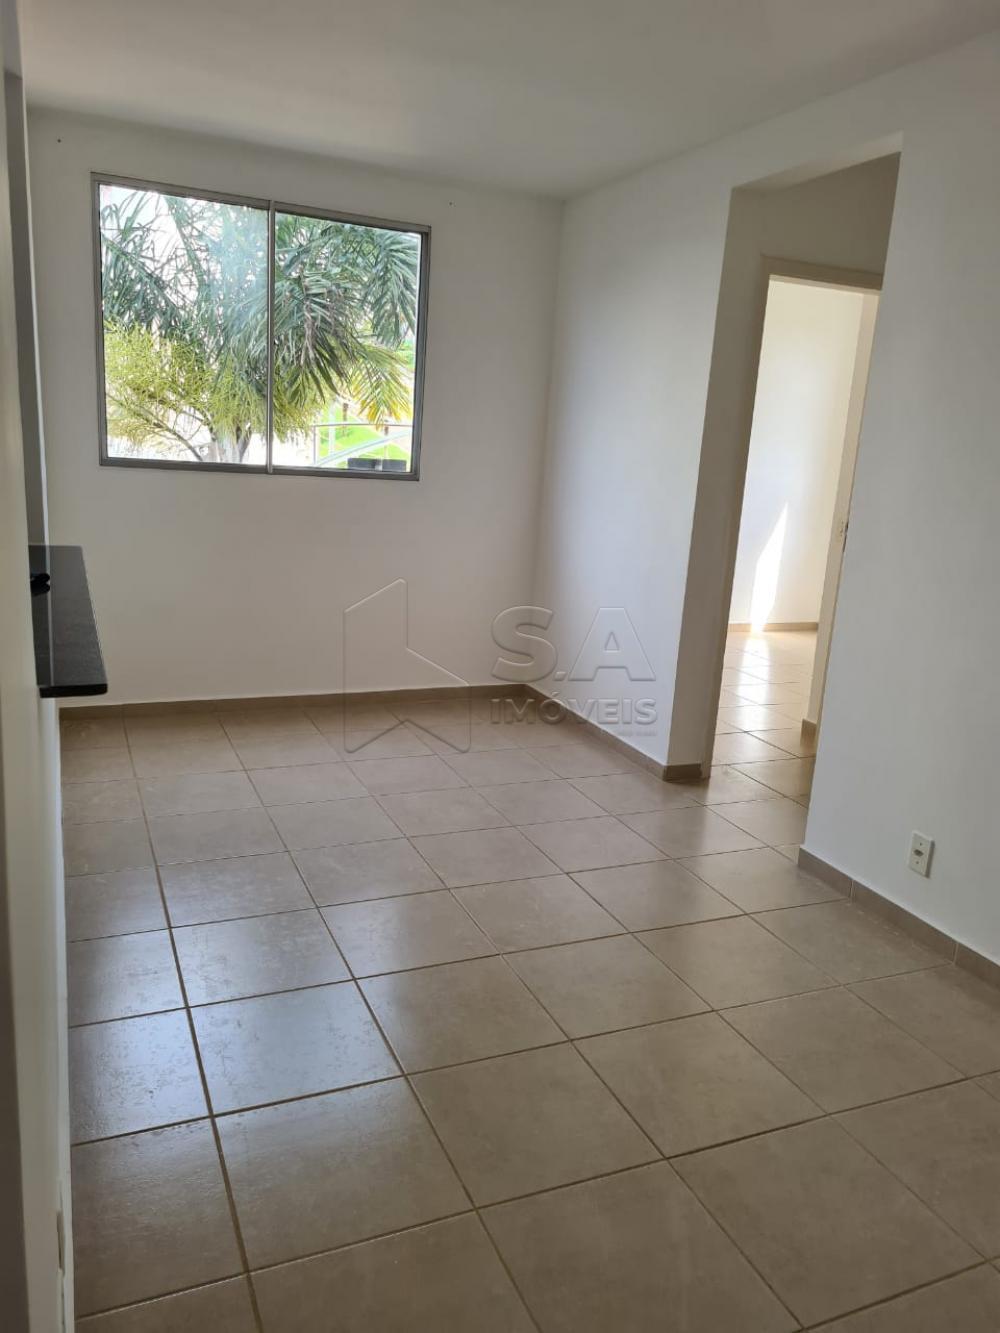 Comprar Apartamento / Padrão em Botucatu R$ 145.000,00 - Foto 3